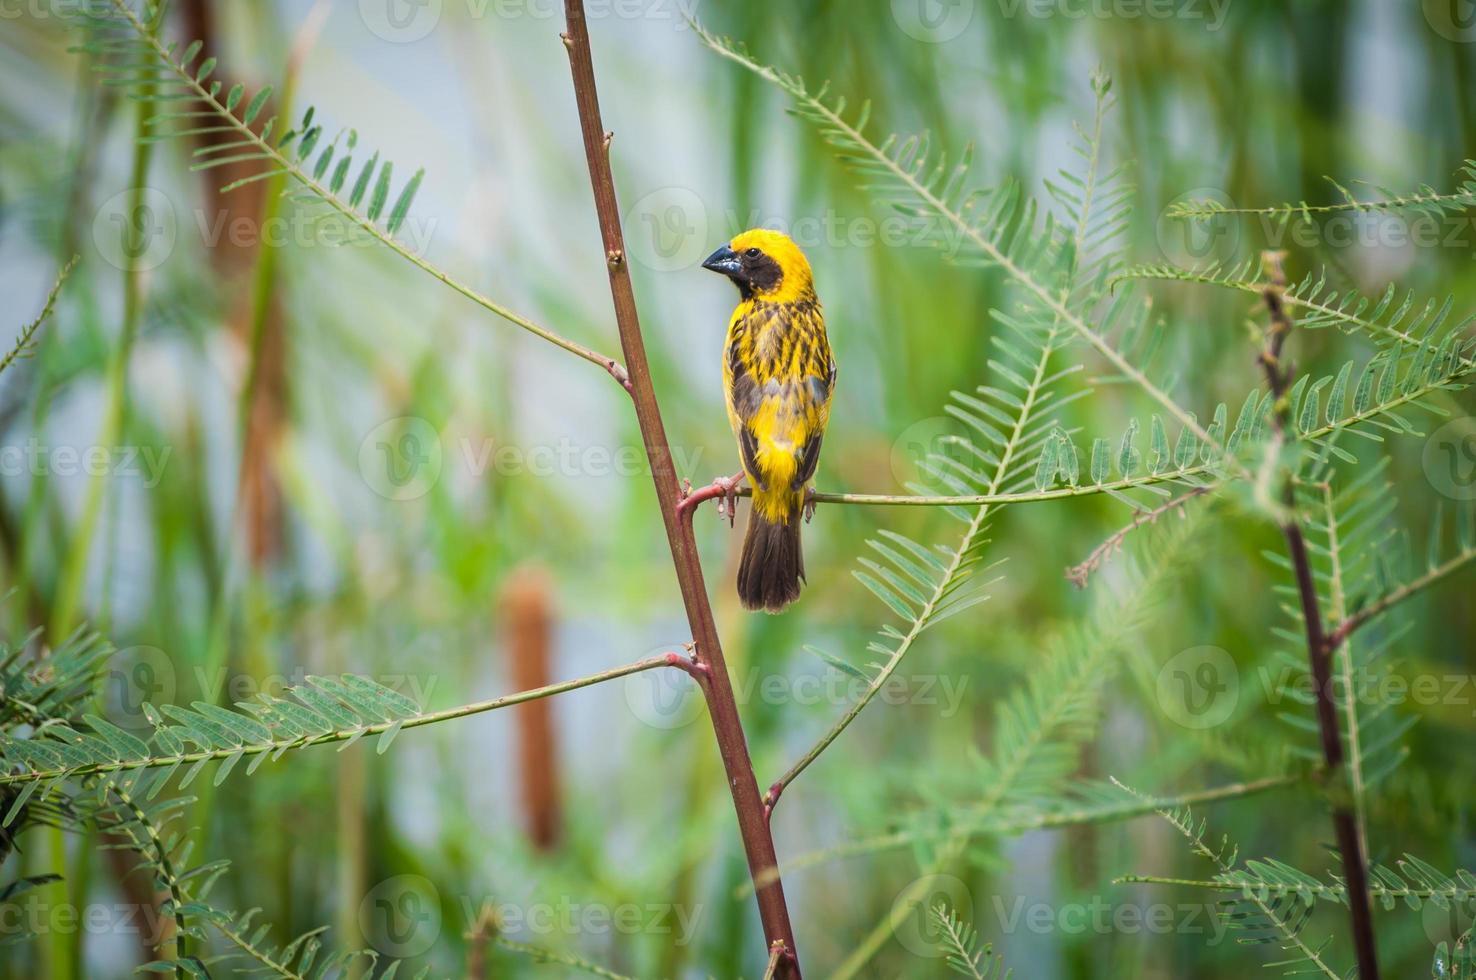 tisserand doré asiatique, oiseau mâle photo